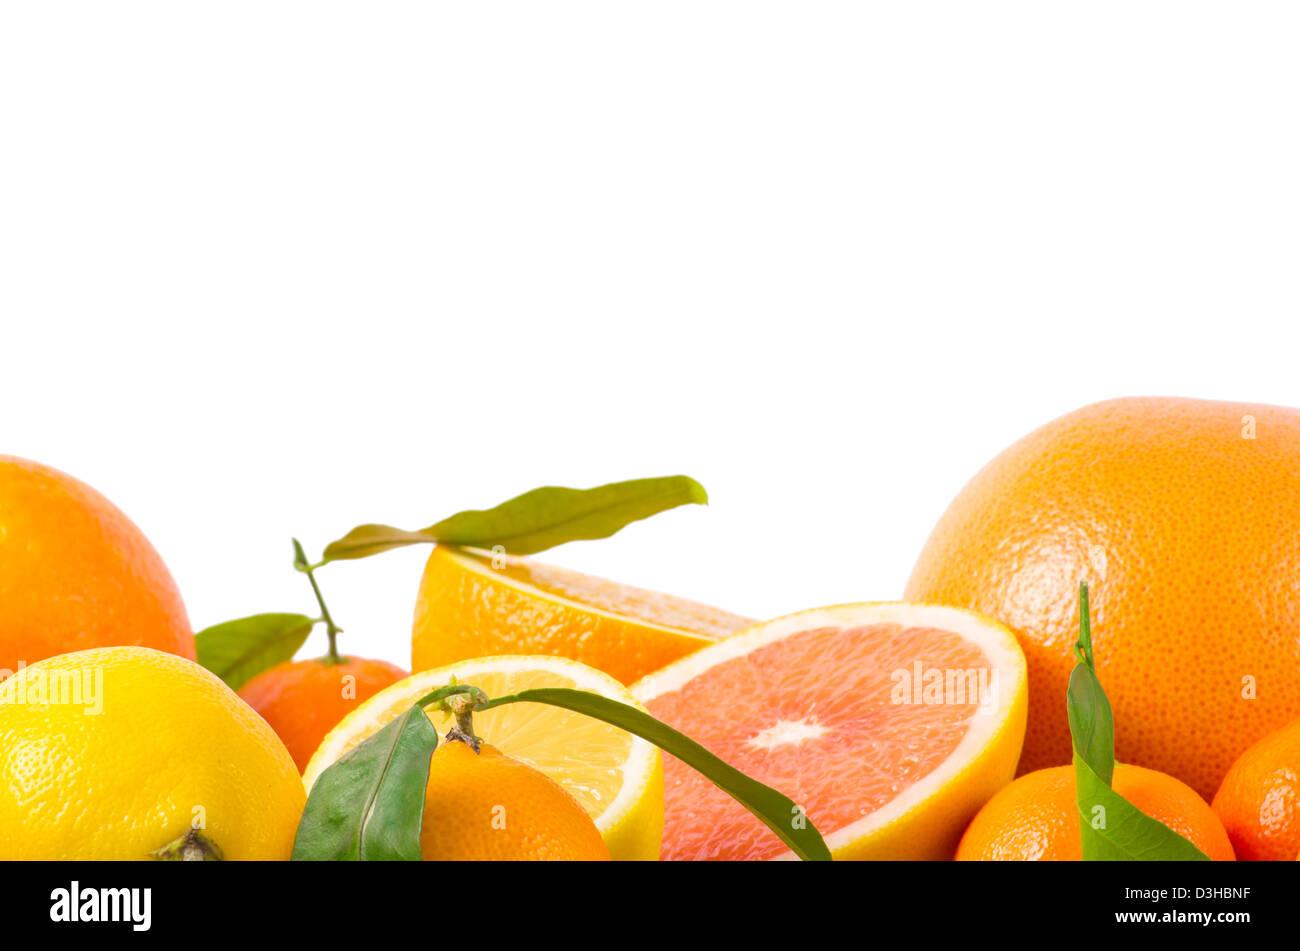 Fruits citrus on white - Stock Image